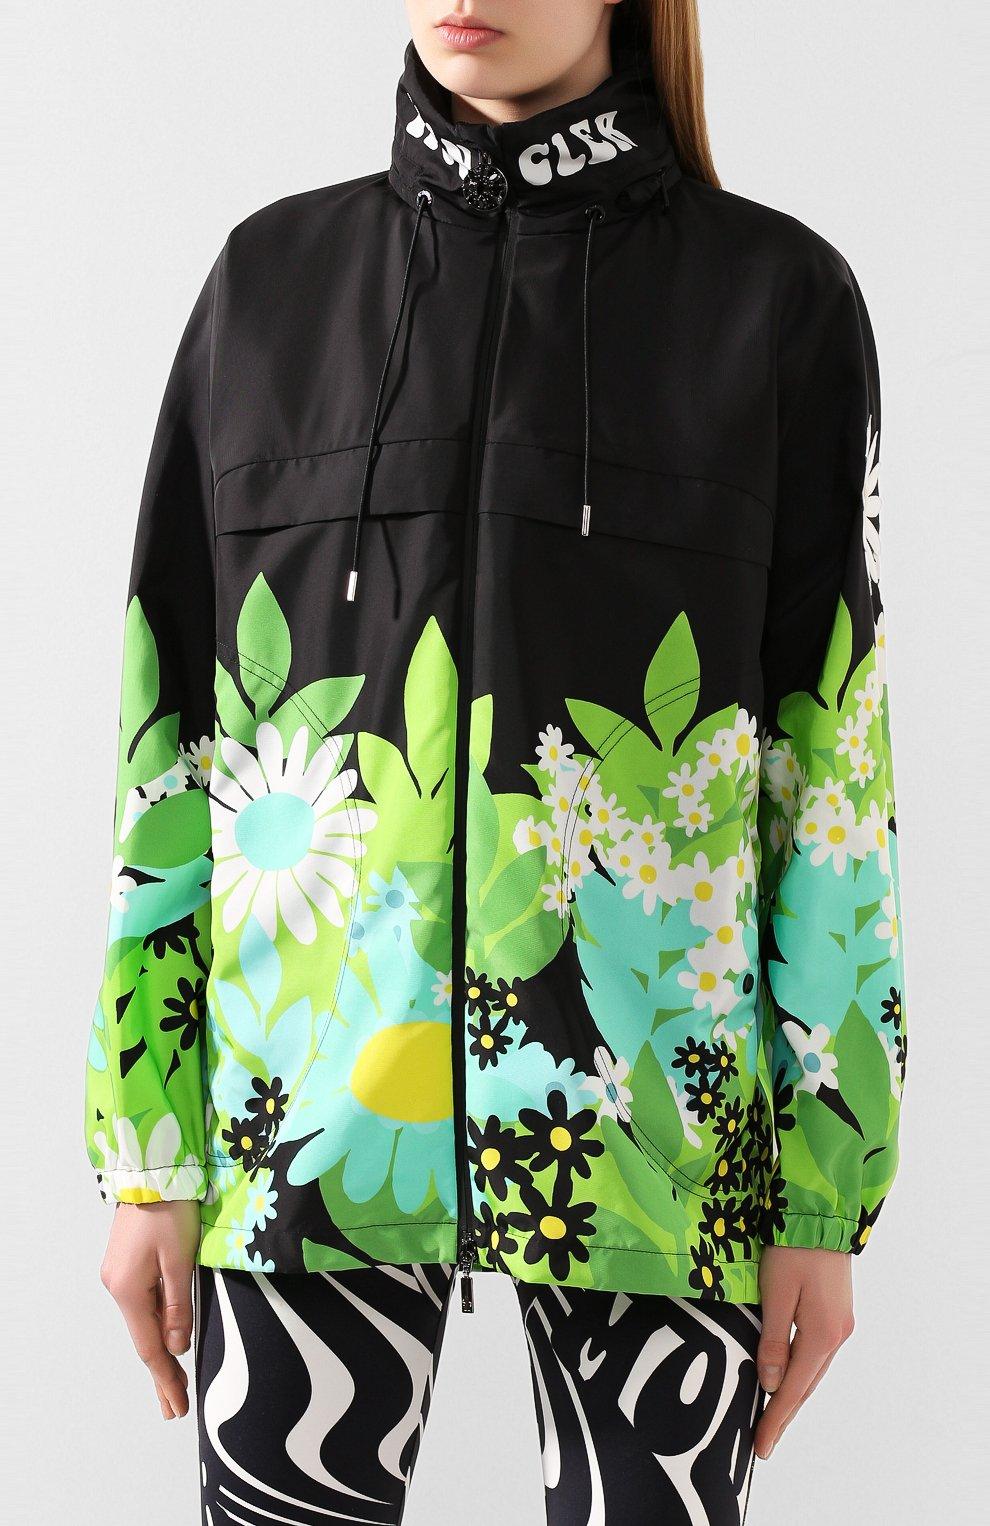 Женская куртка 0 moncler richard quinn MONCLER GENIUS разноцветного цвета, арт. F1-09F-1A704-00-539WL | Фото 3